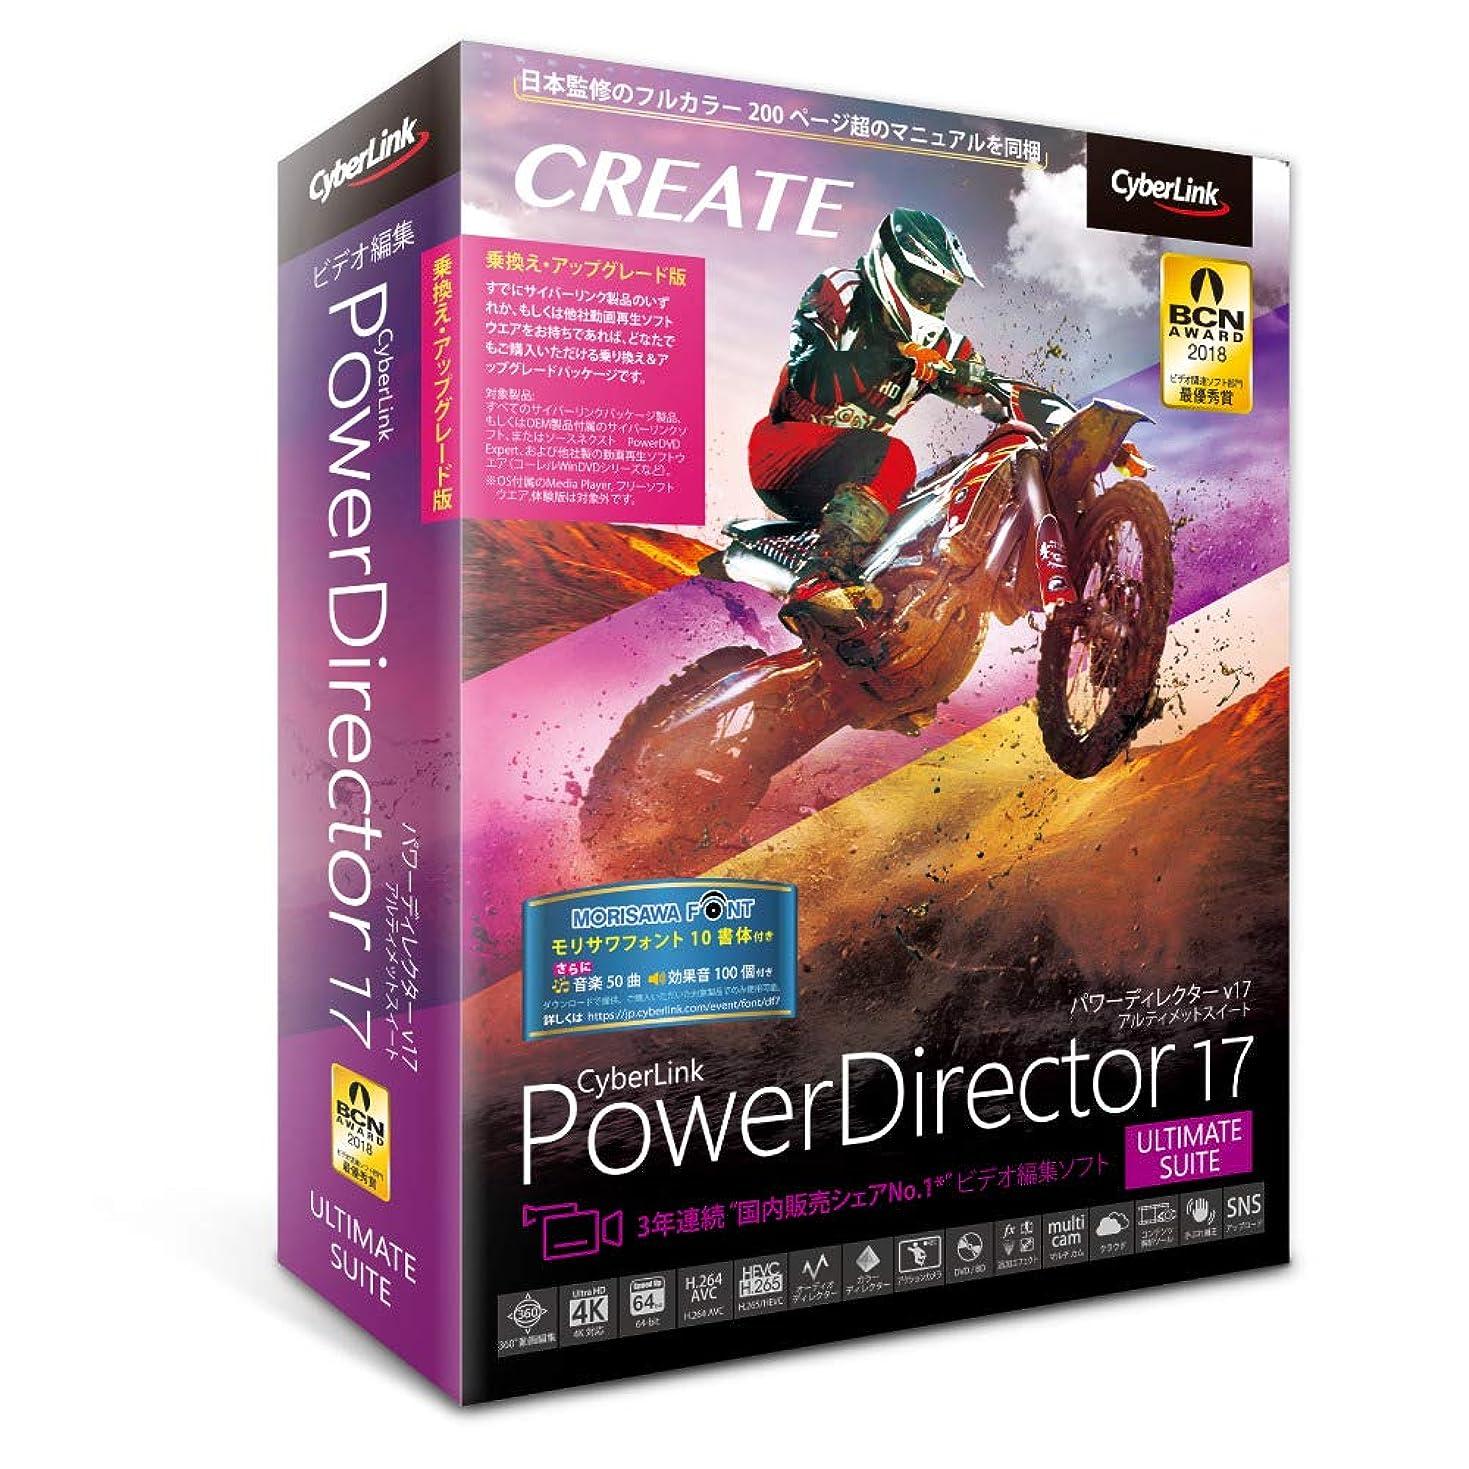 チップ初心者別のサイバーリンク PowerDirector 17 Ultimate Suite 乗換え?アップグレード版